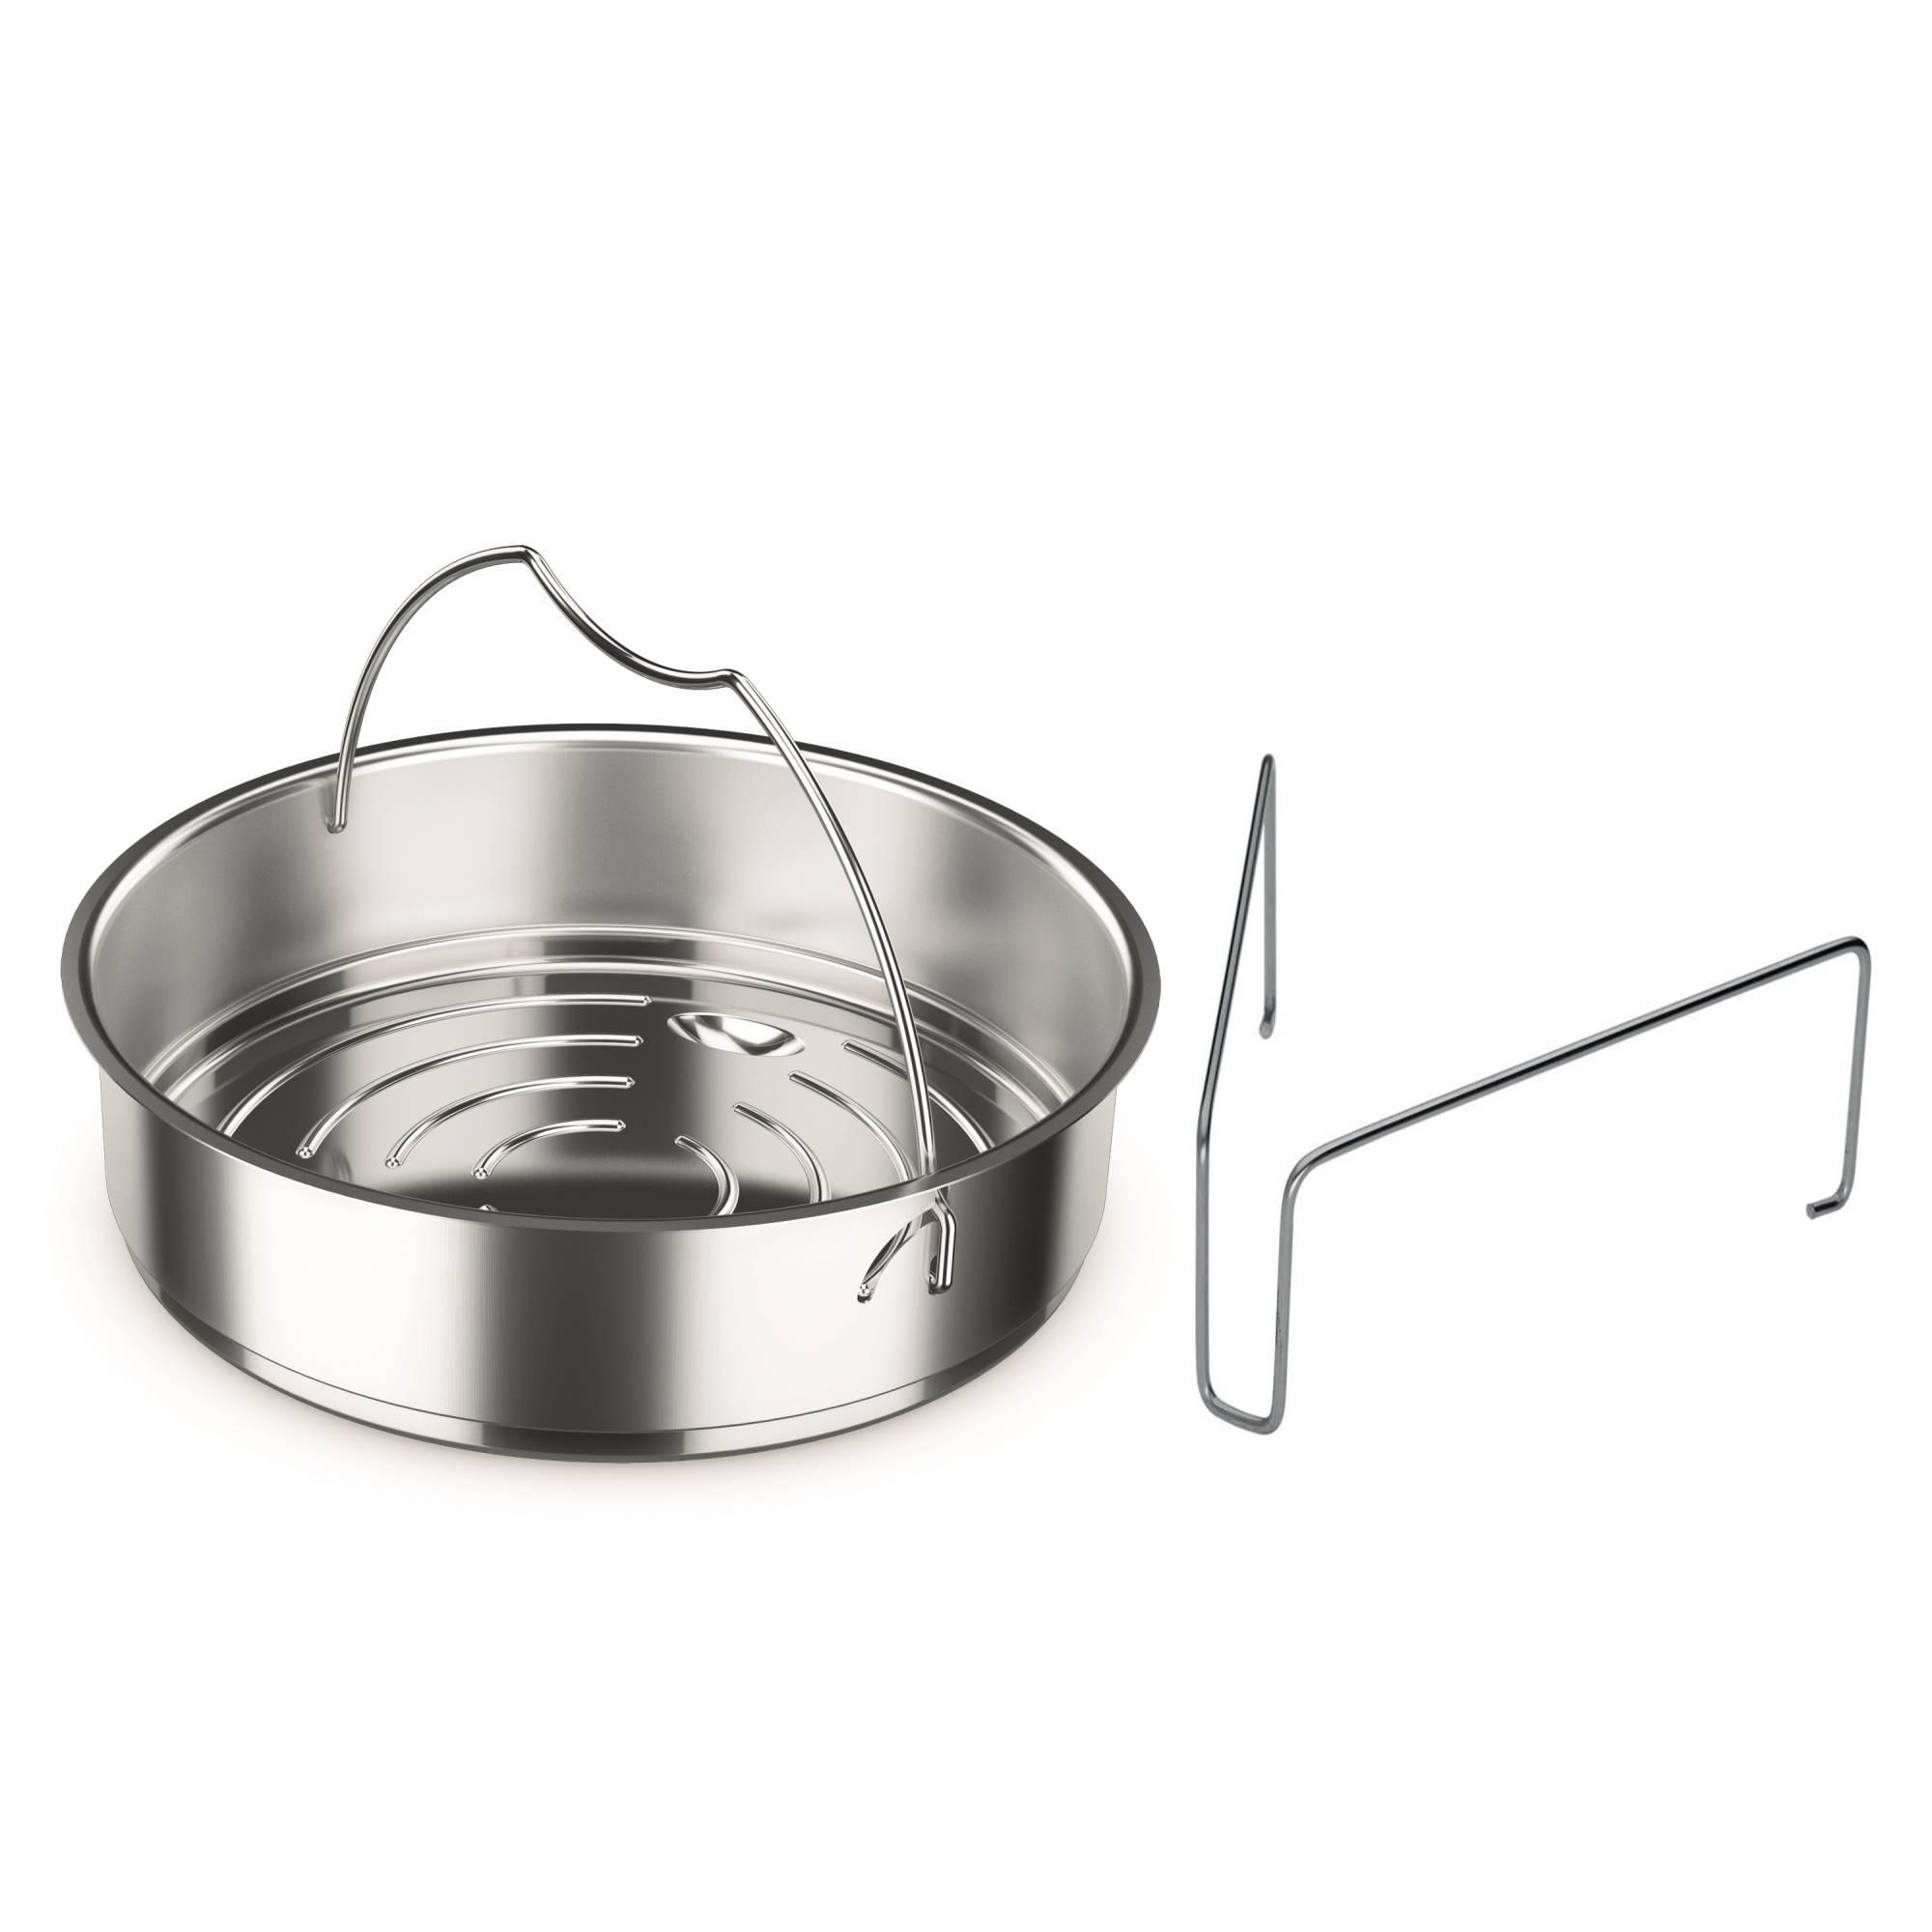 fissler einsatz f r schnellkochtopf 26 cm steg zubeh r kochen kochen backen 1a neuware. Black Bedroom Furniture Sets. Home Design Ideas